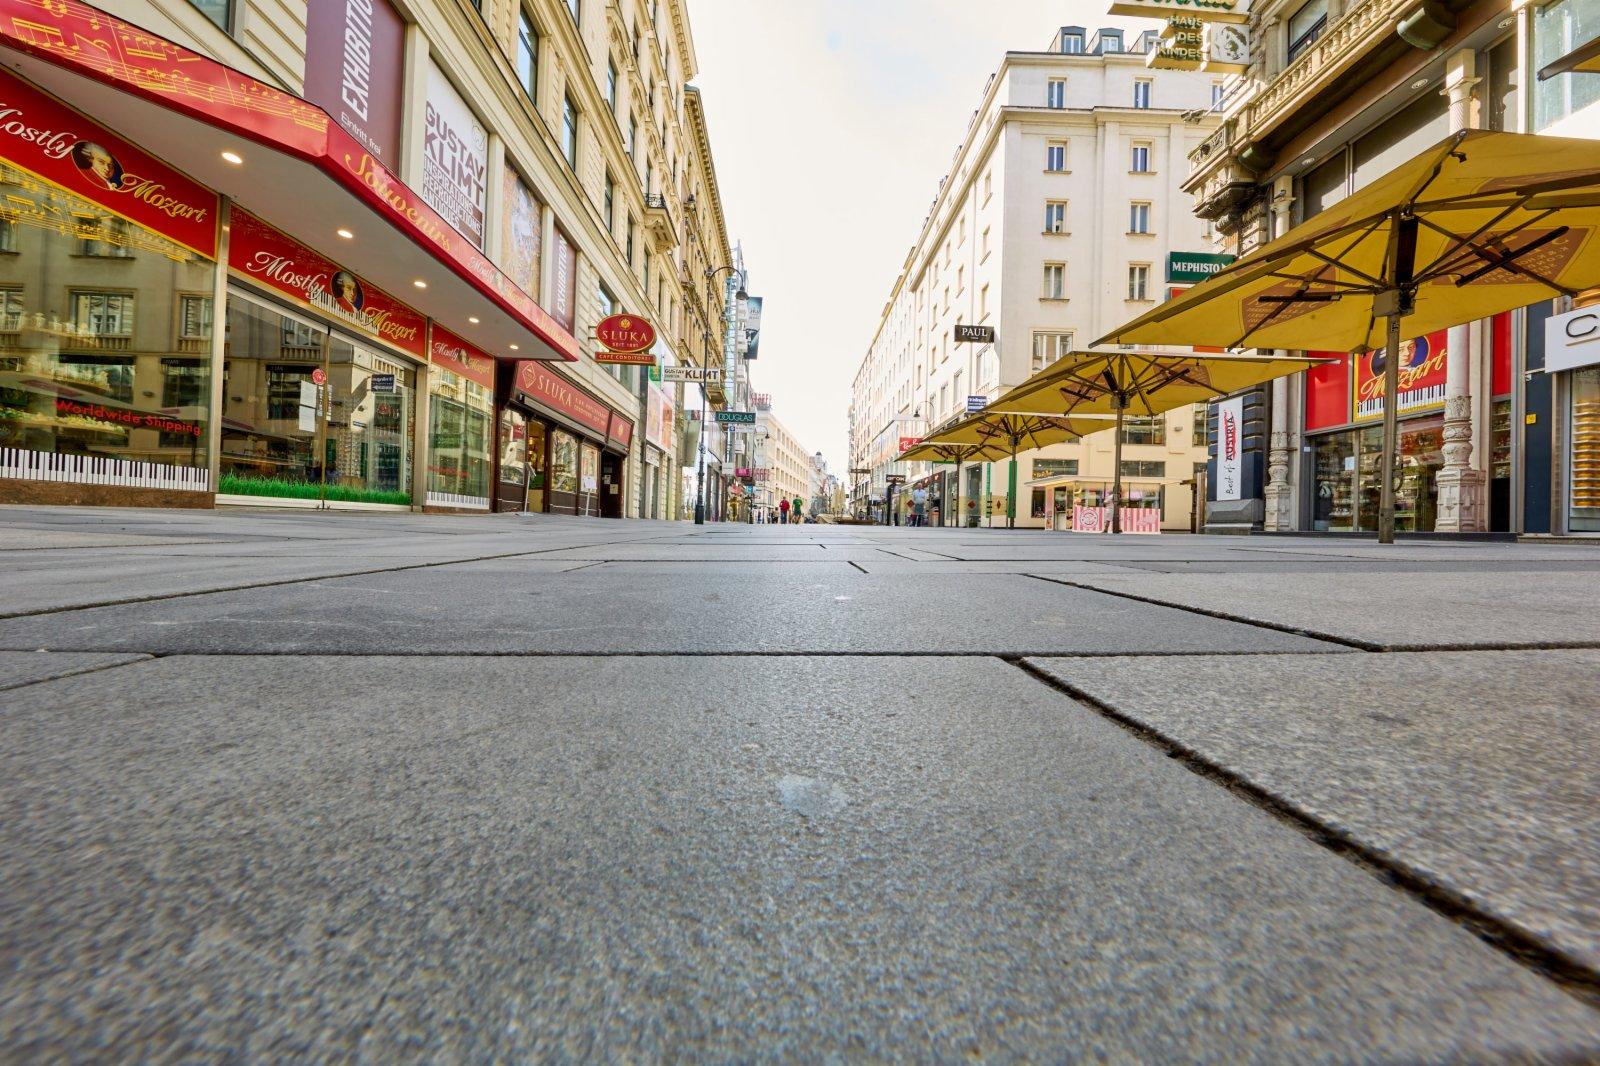 4月1日,在奧地利維也納,一條街道兩旁的店舖已經關閉。(新華社)